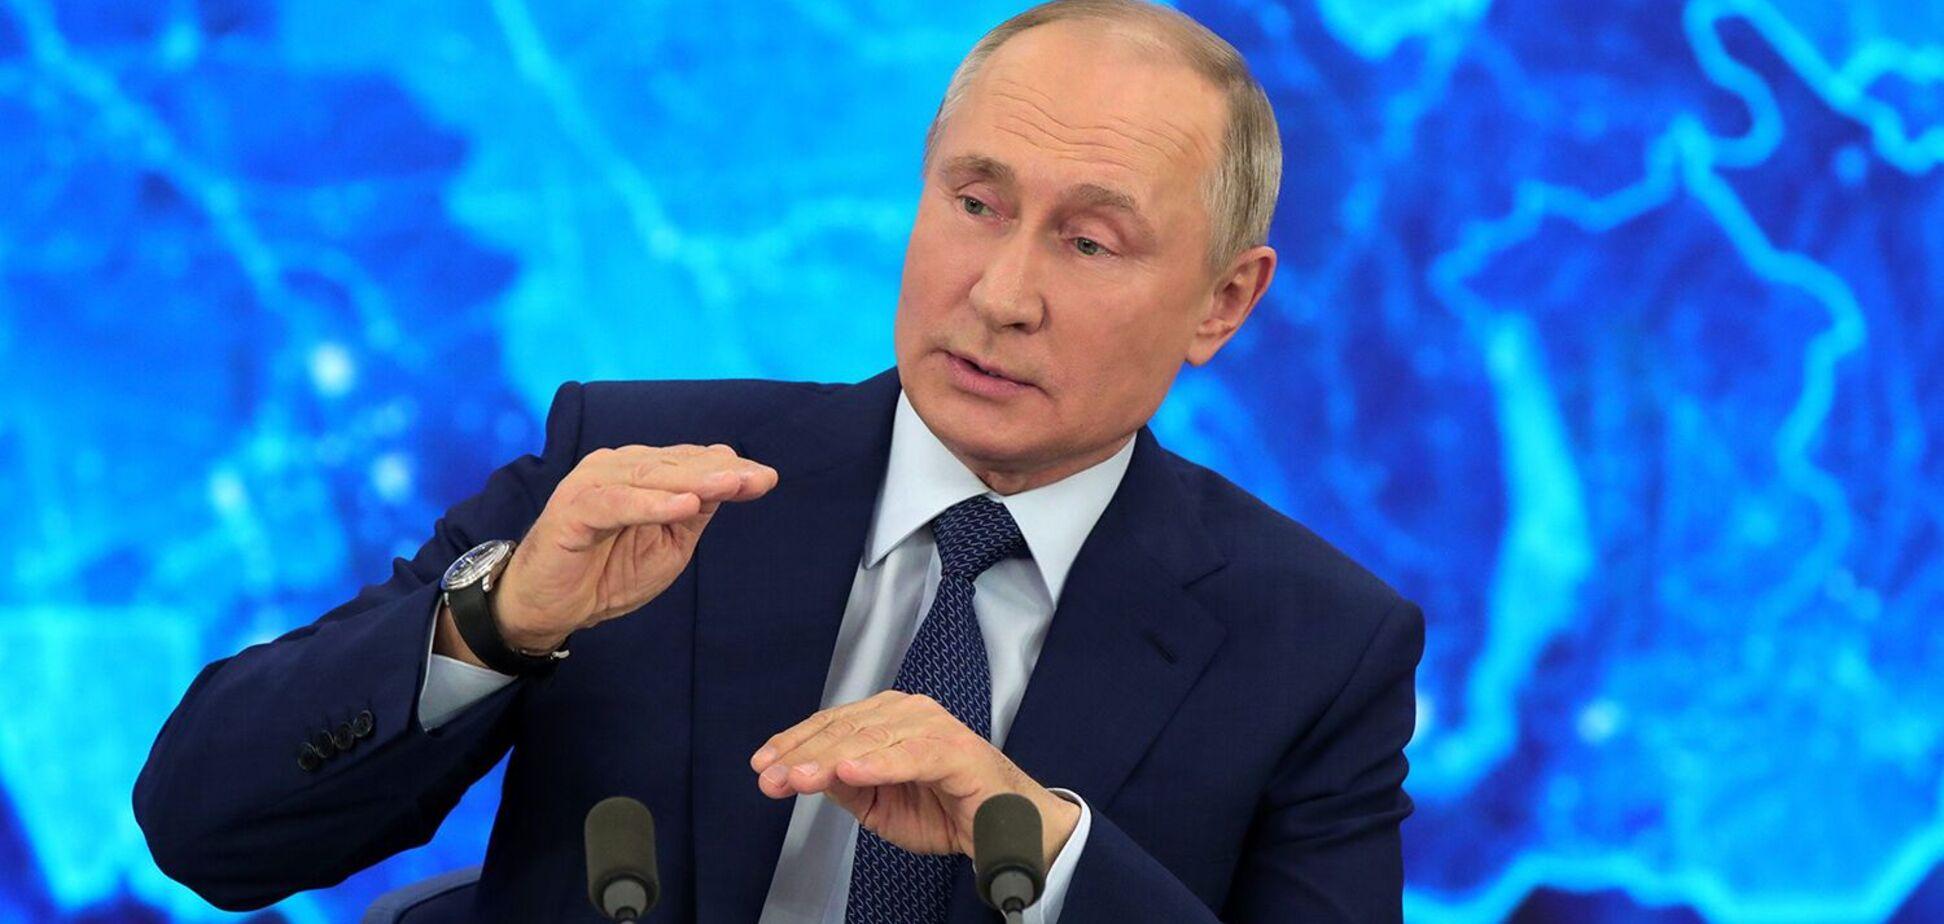 Путін під час робочої зустрічі ніжно гладив склянку з олівцями: курйозний момент потрапив на відео